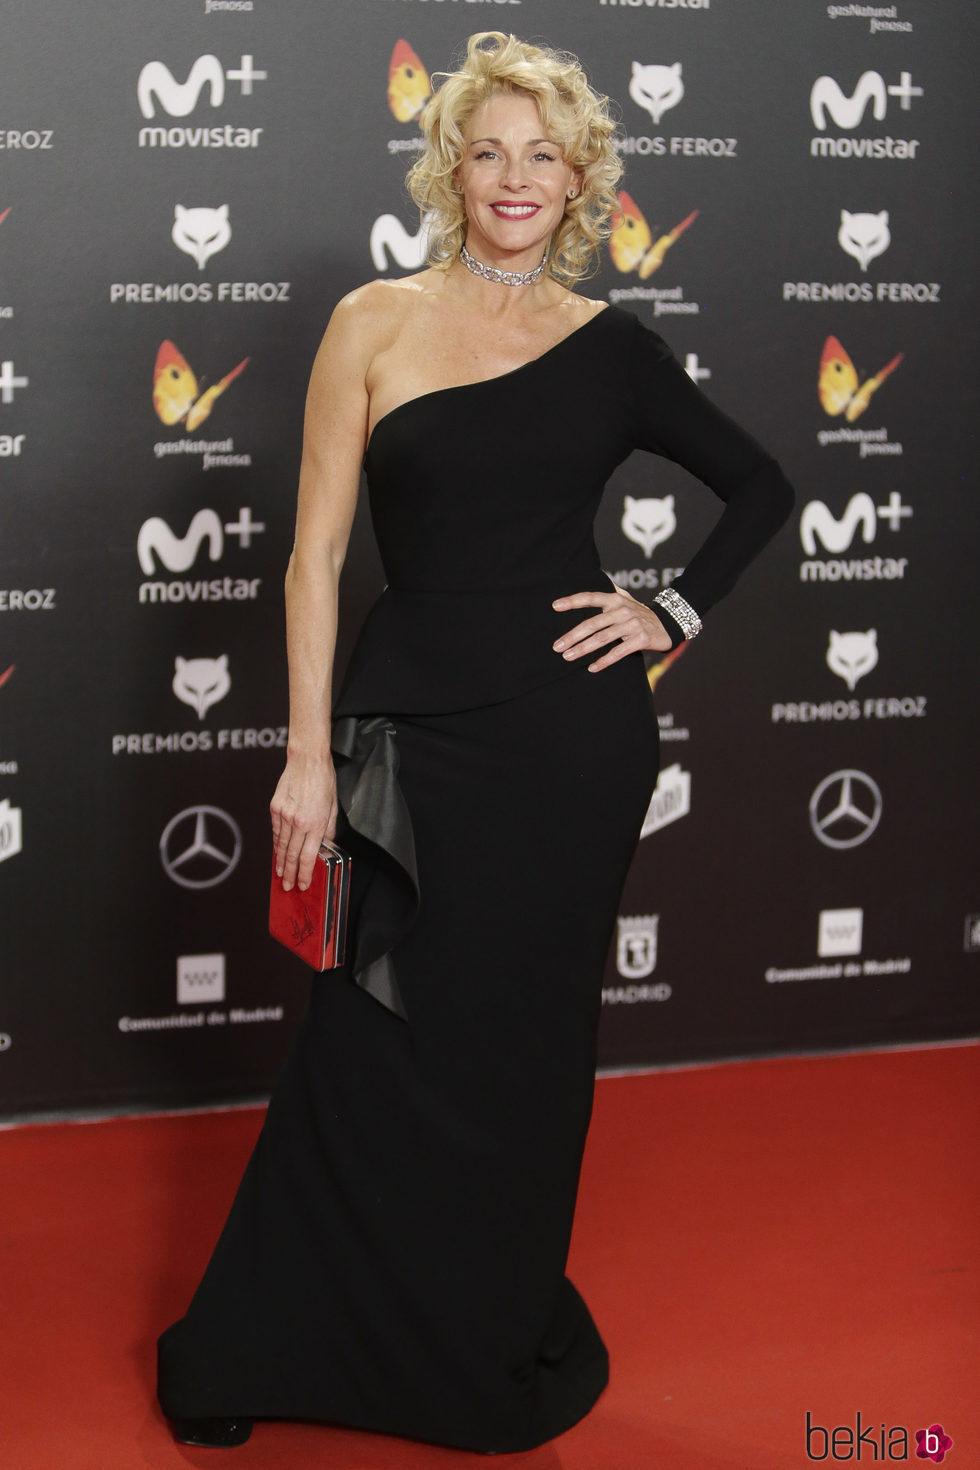 Belén Rueda en la alfombra roja de los Premios Feroz 2018